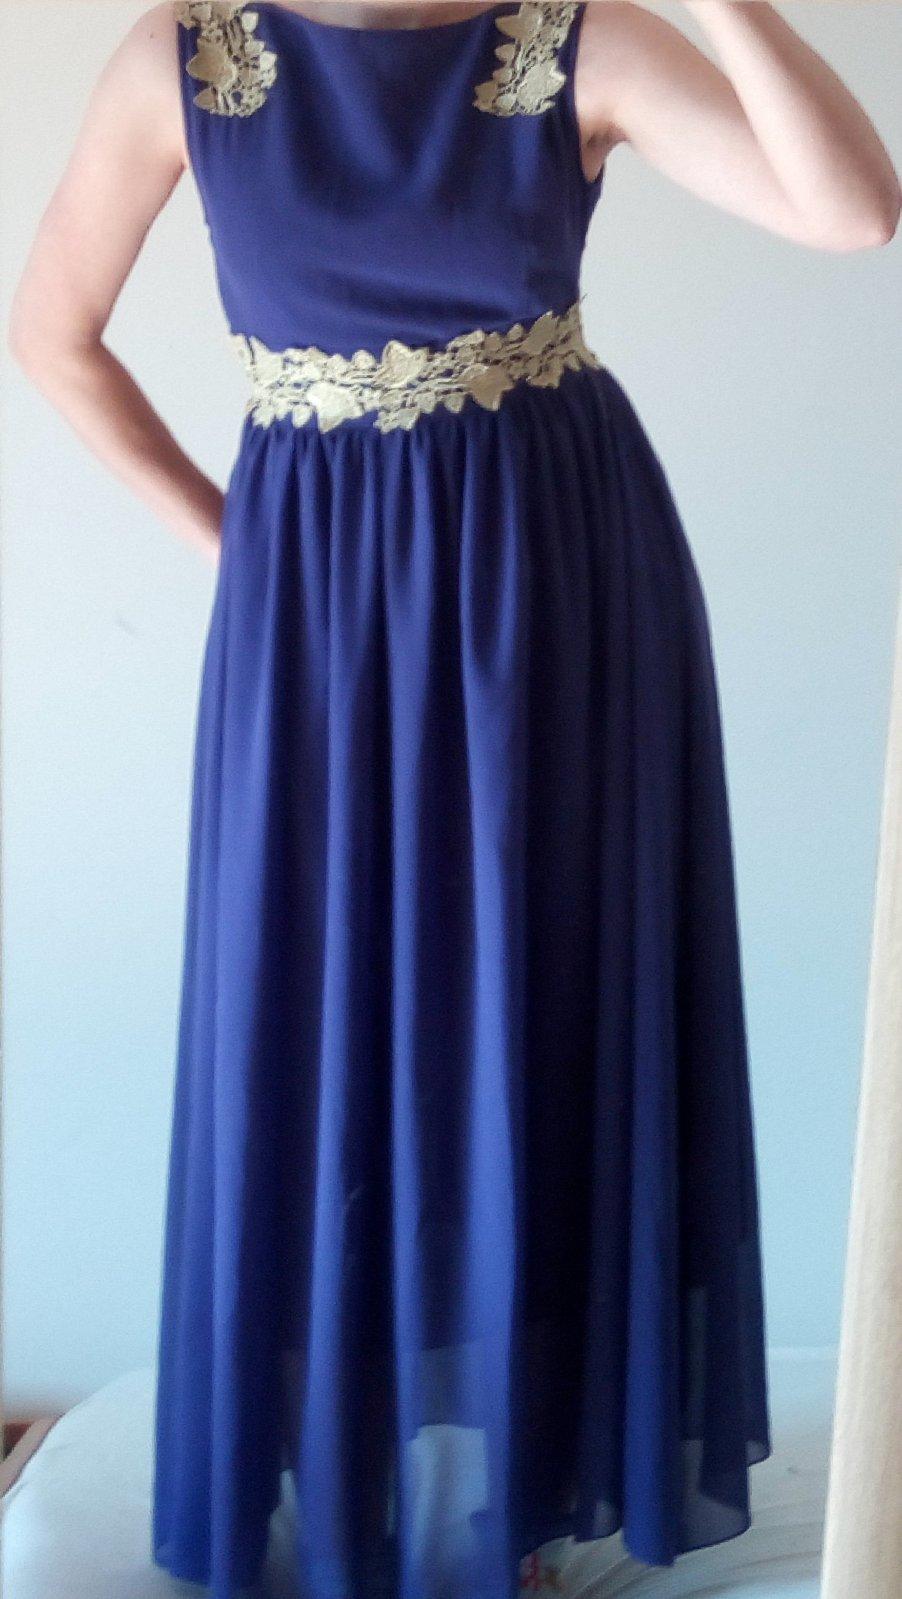 Fialové dlhé spoločenské šaty XS/S - Obrázok č. 1